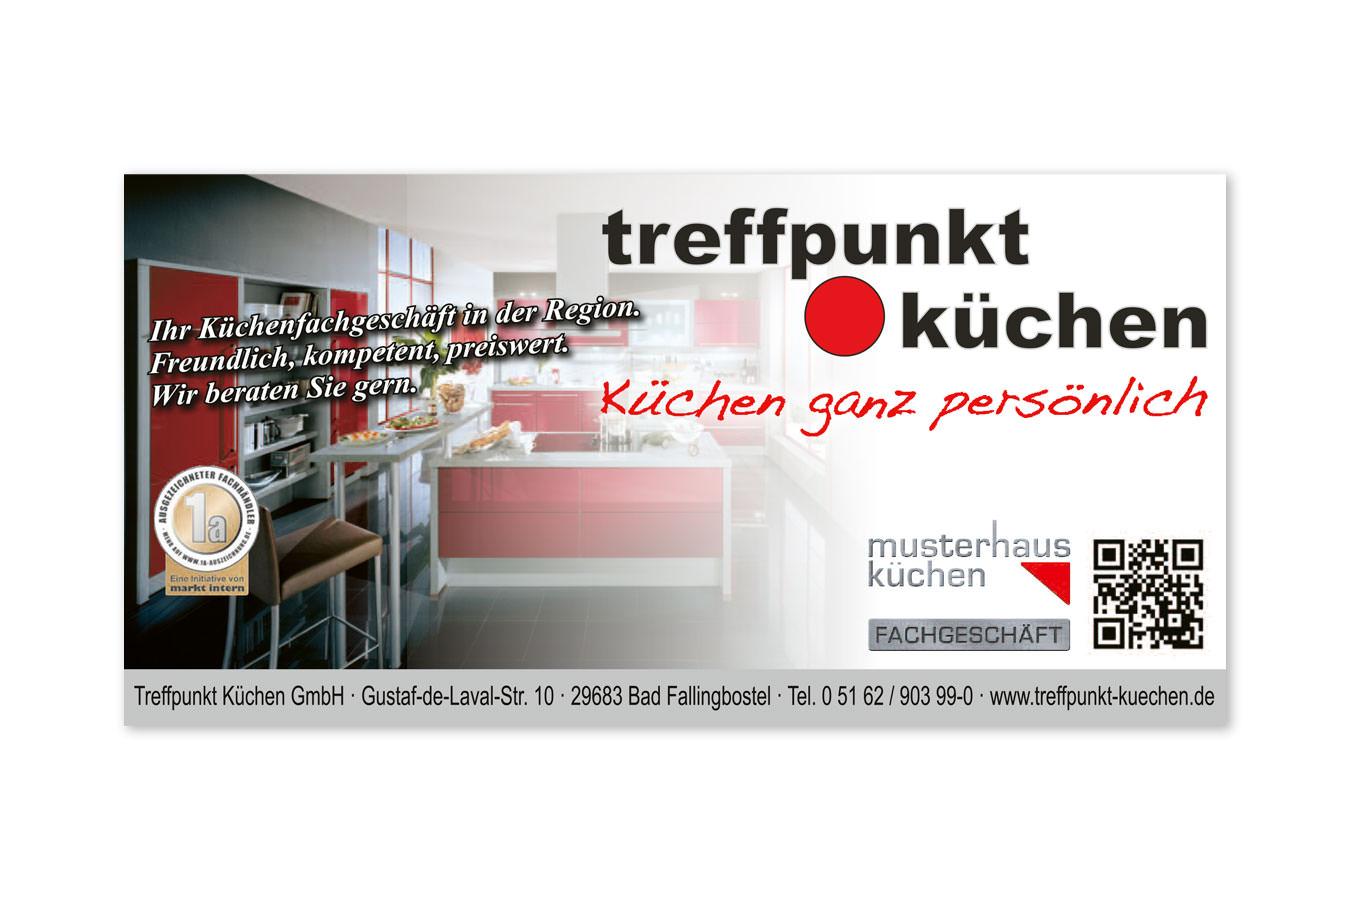 Über Treffunkt Küchen: Kompetenz, Qualität & faire Preise